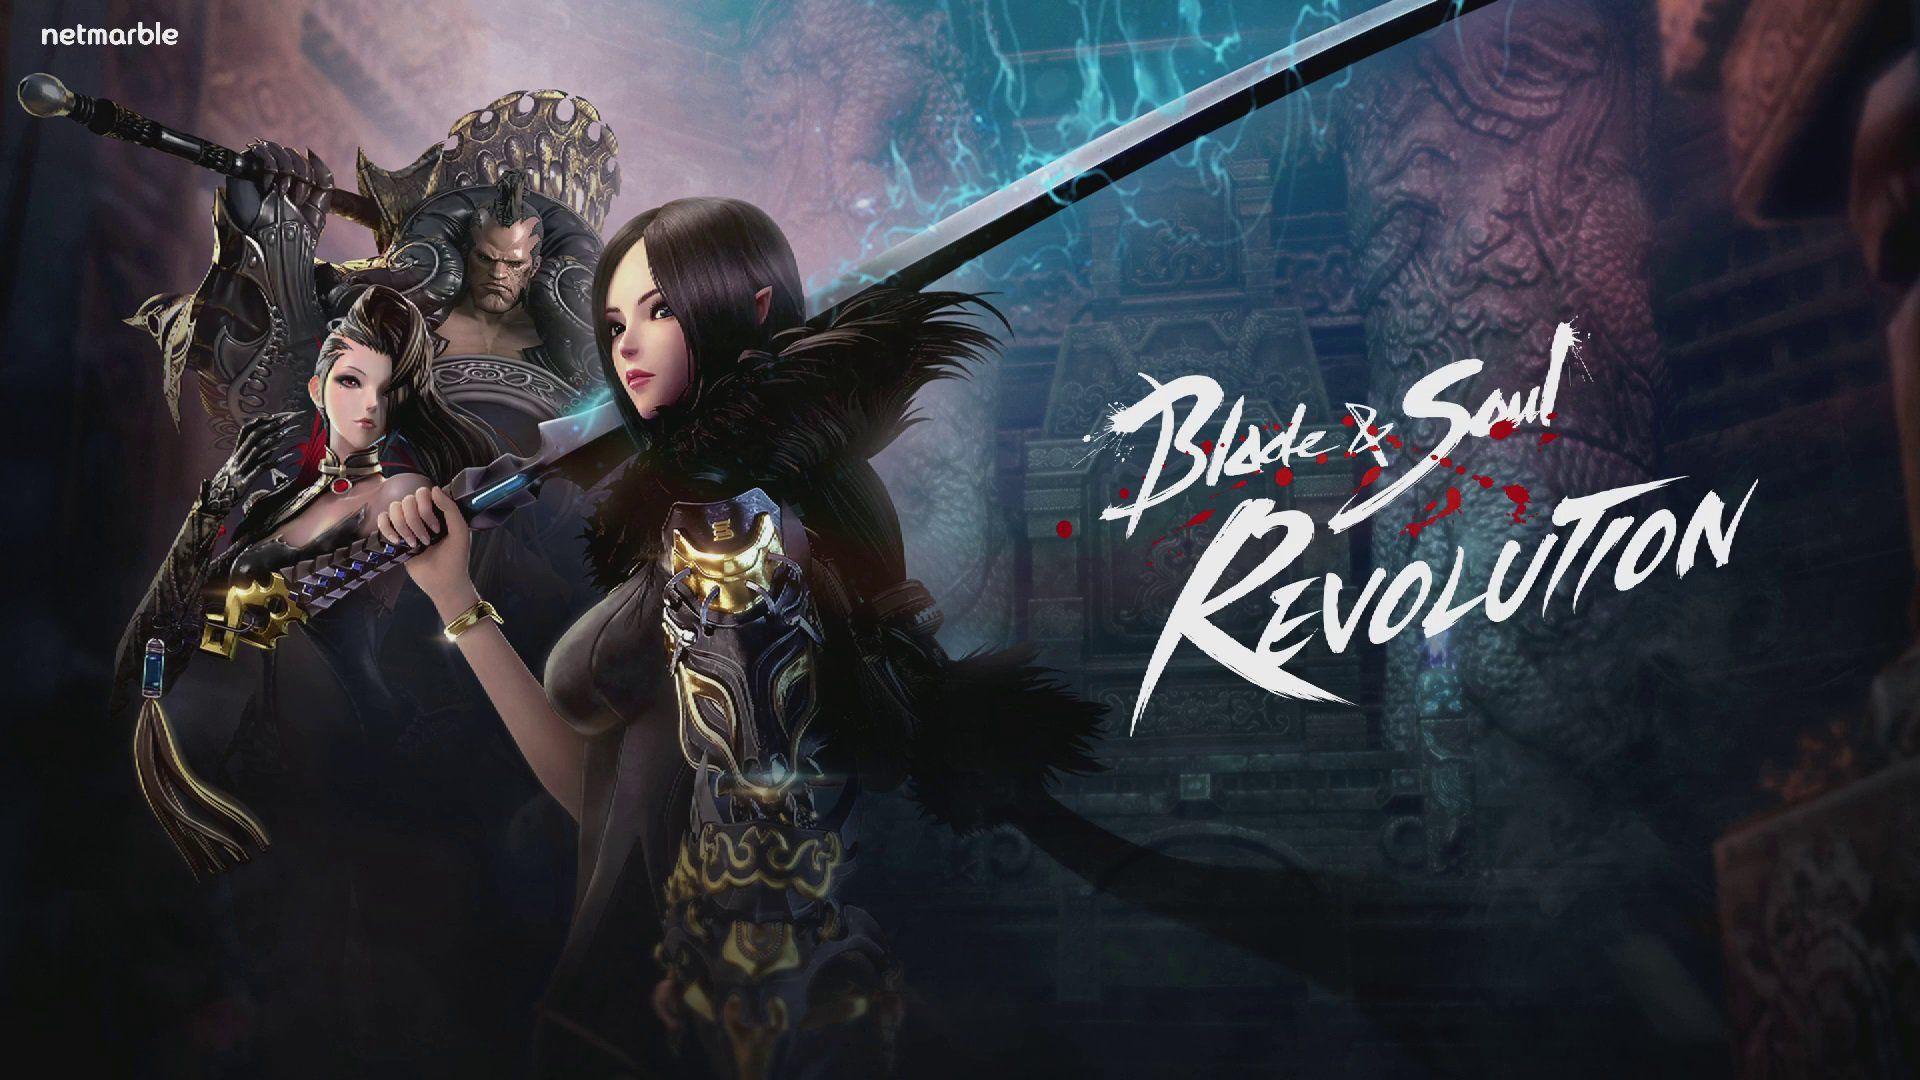 Jogos: 7 dicas para mandar bem em Blade & Soul Revolution